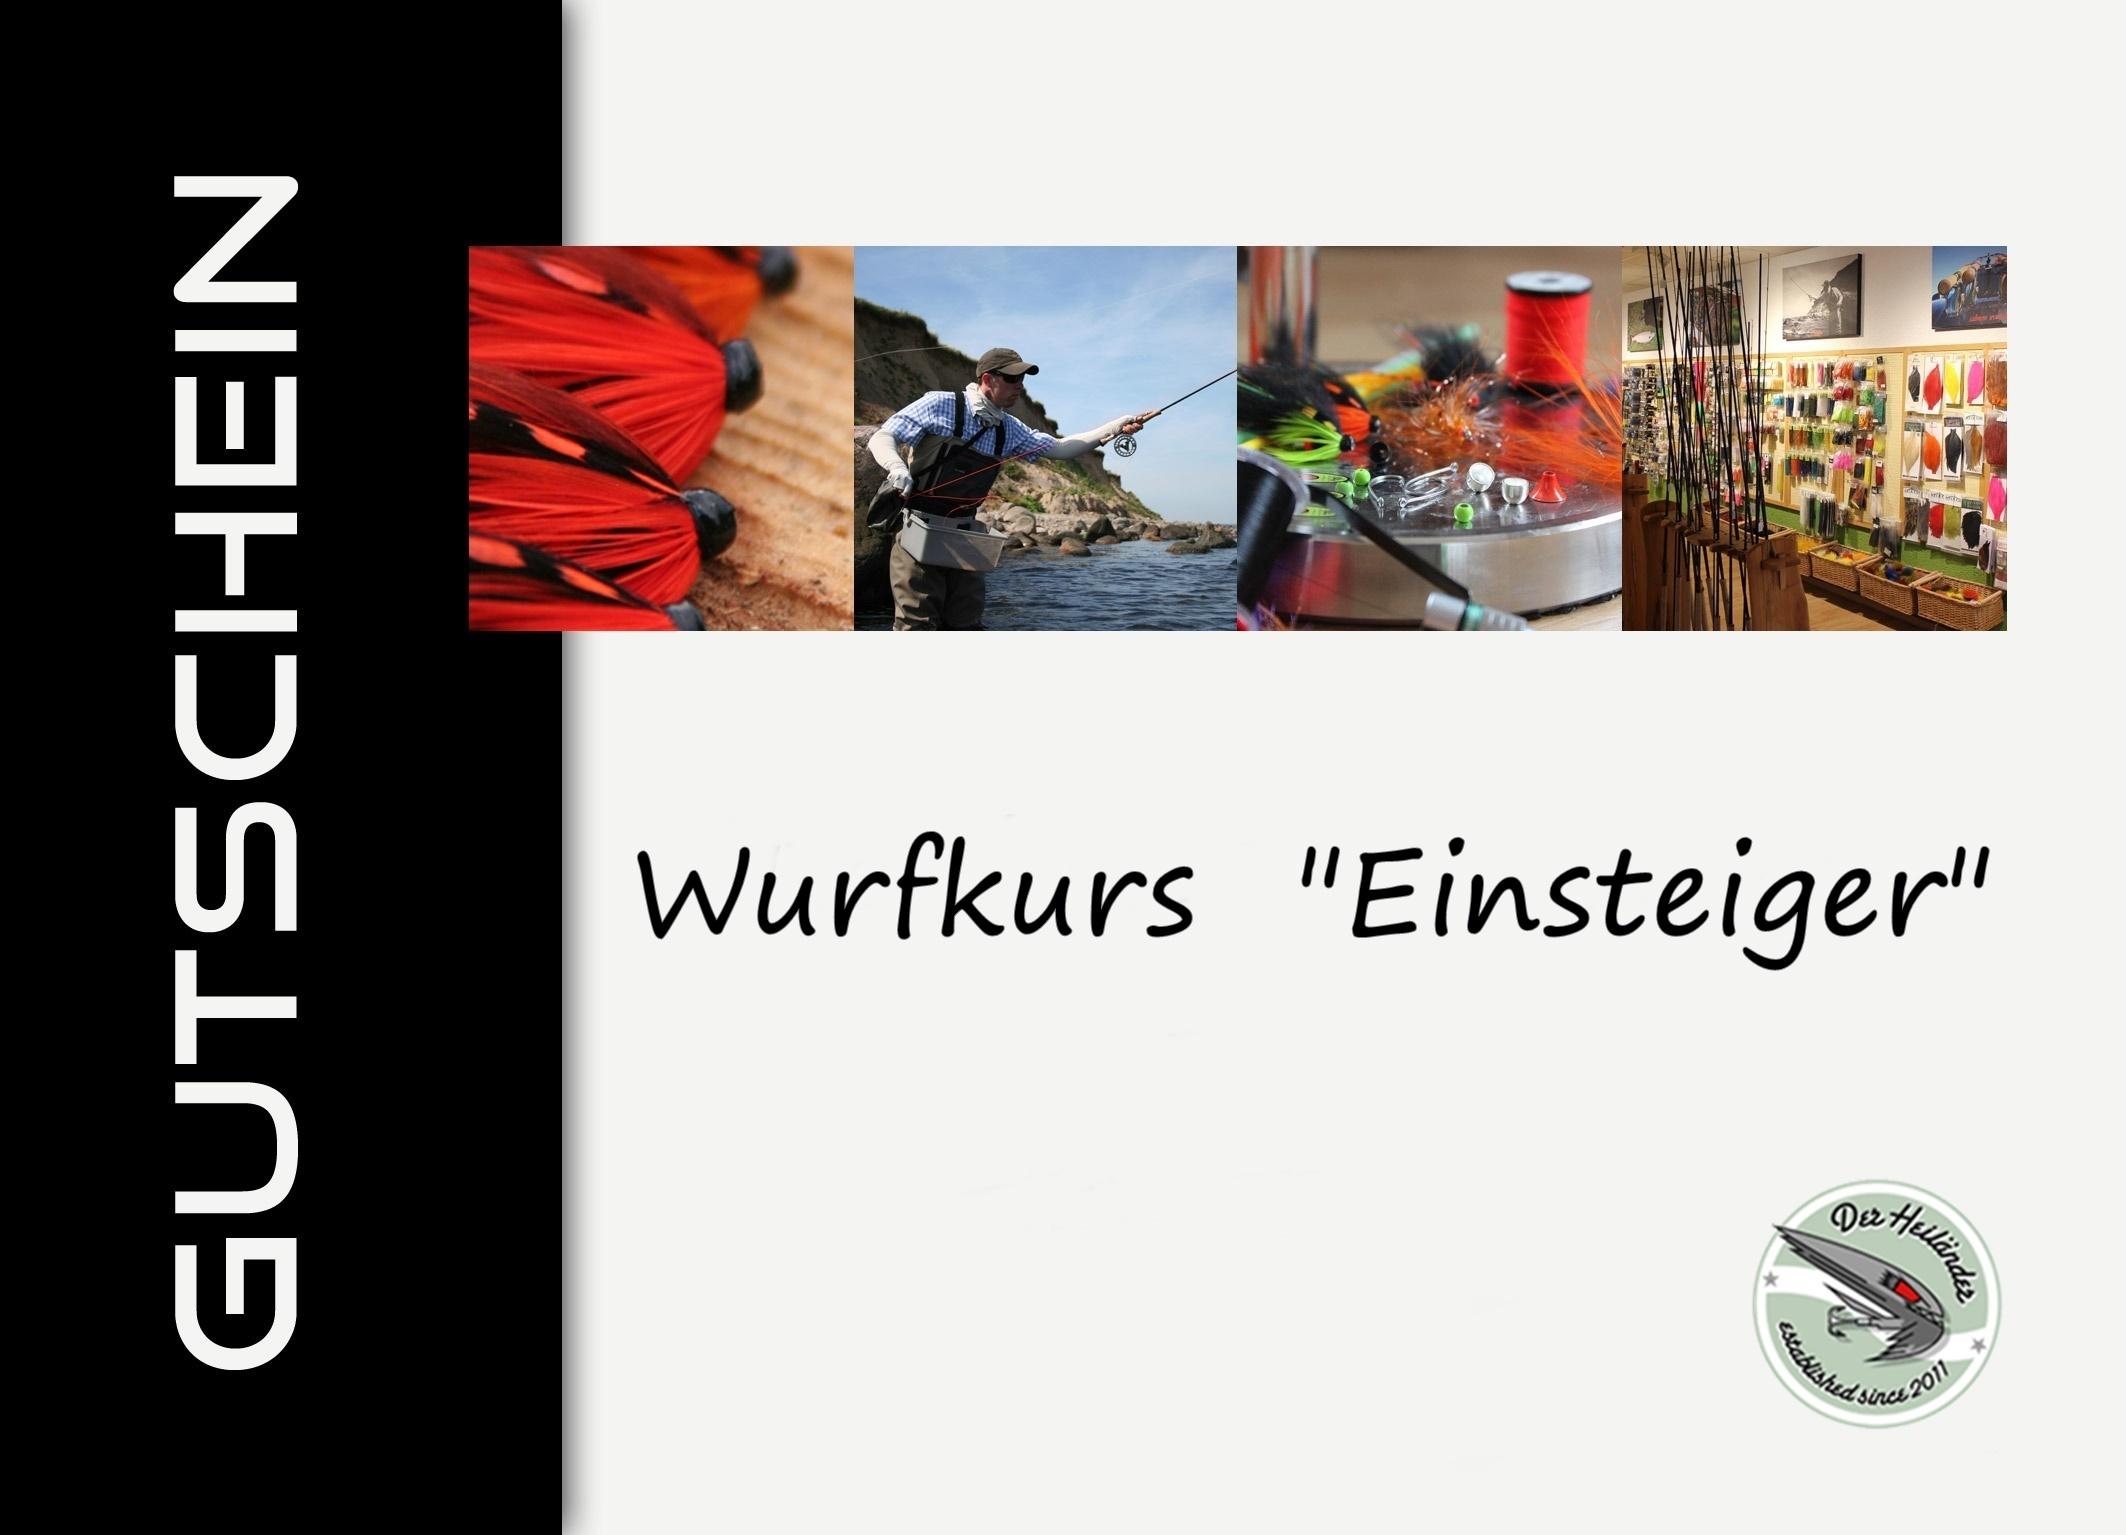 Wurfkurs Gutscheine Einhand- Der Heiländer - Bild